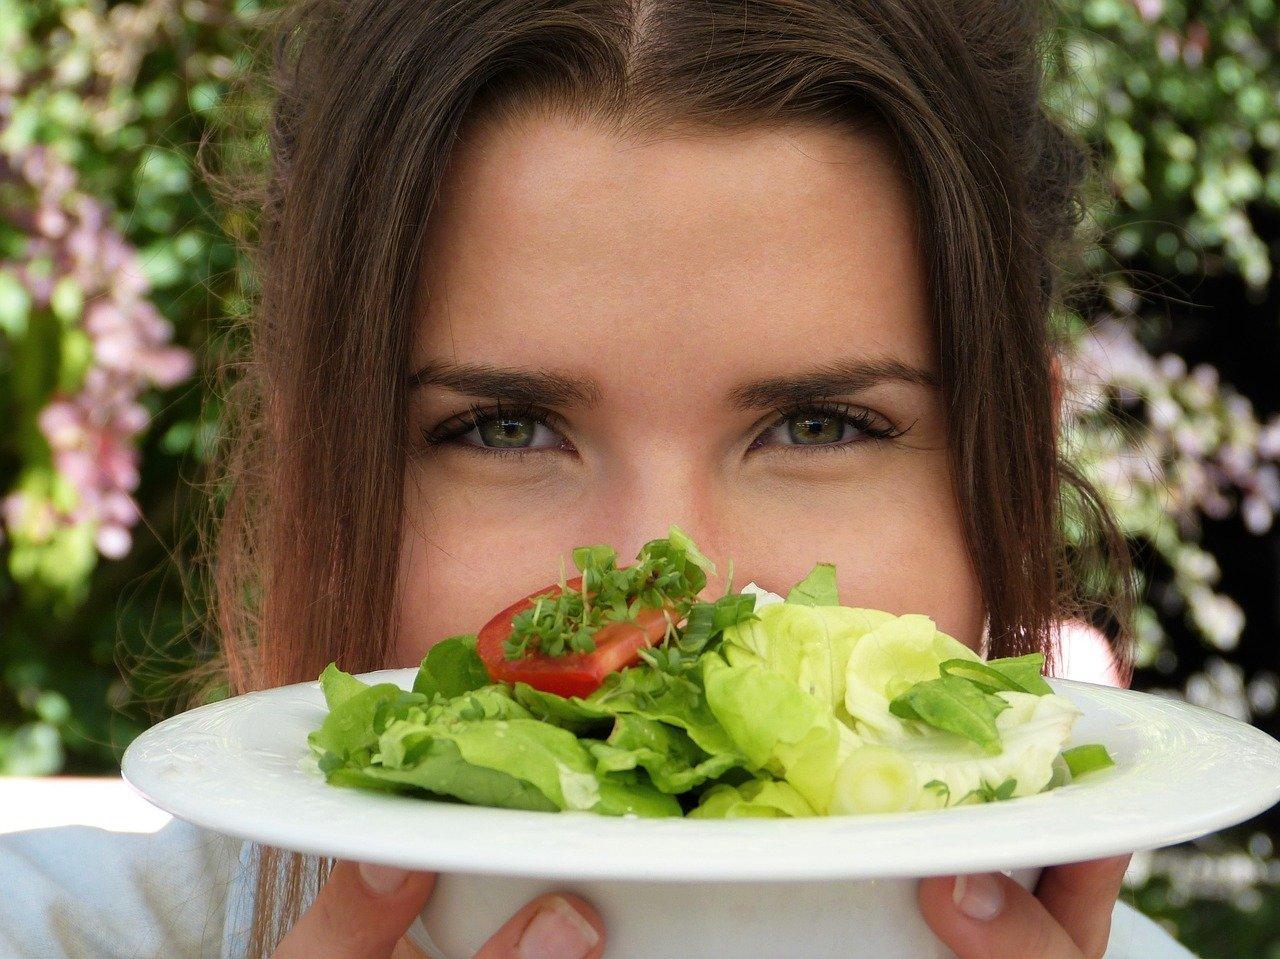 Bezpieczna dieta oczyszczająca organizm – o czym należy pamiętać?